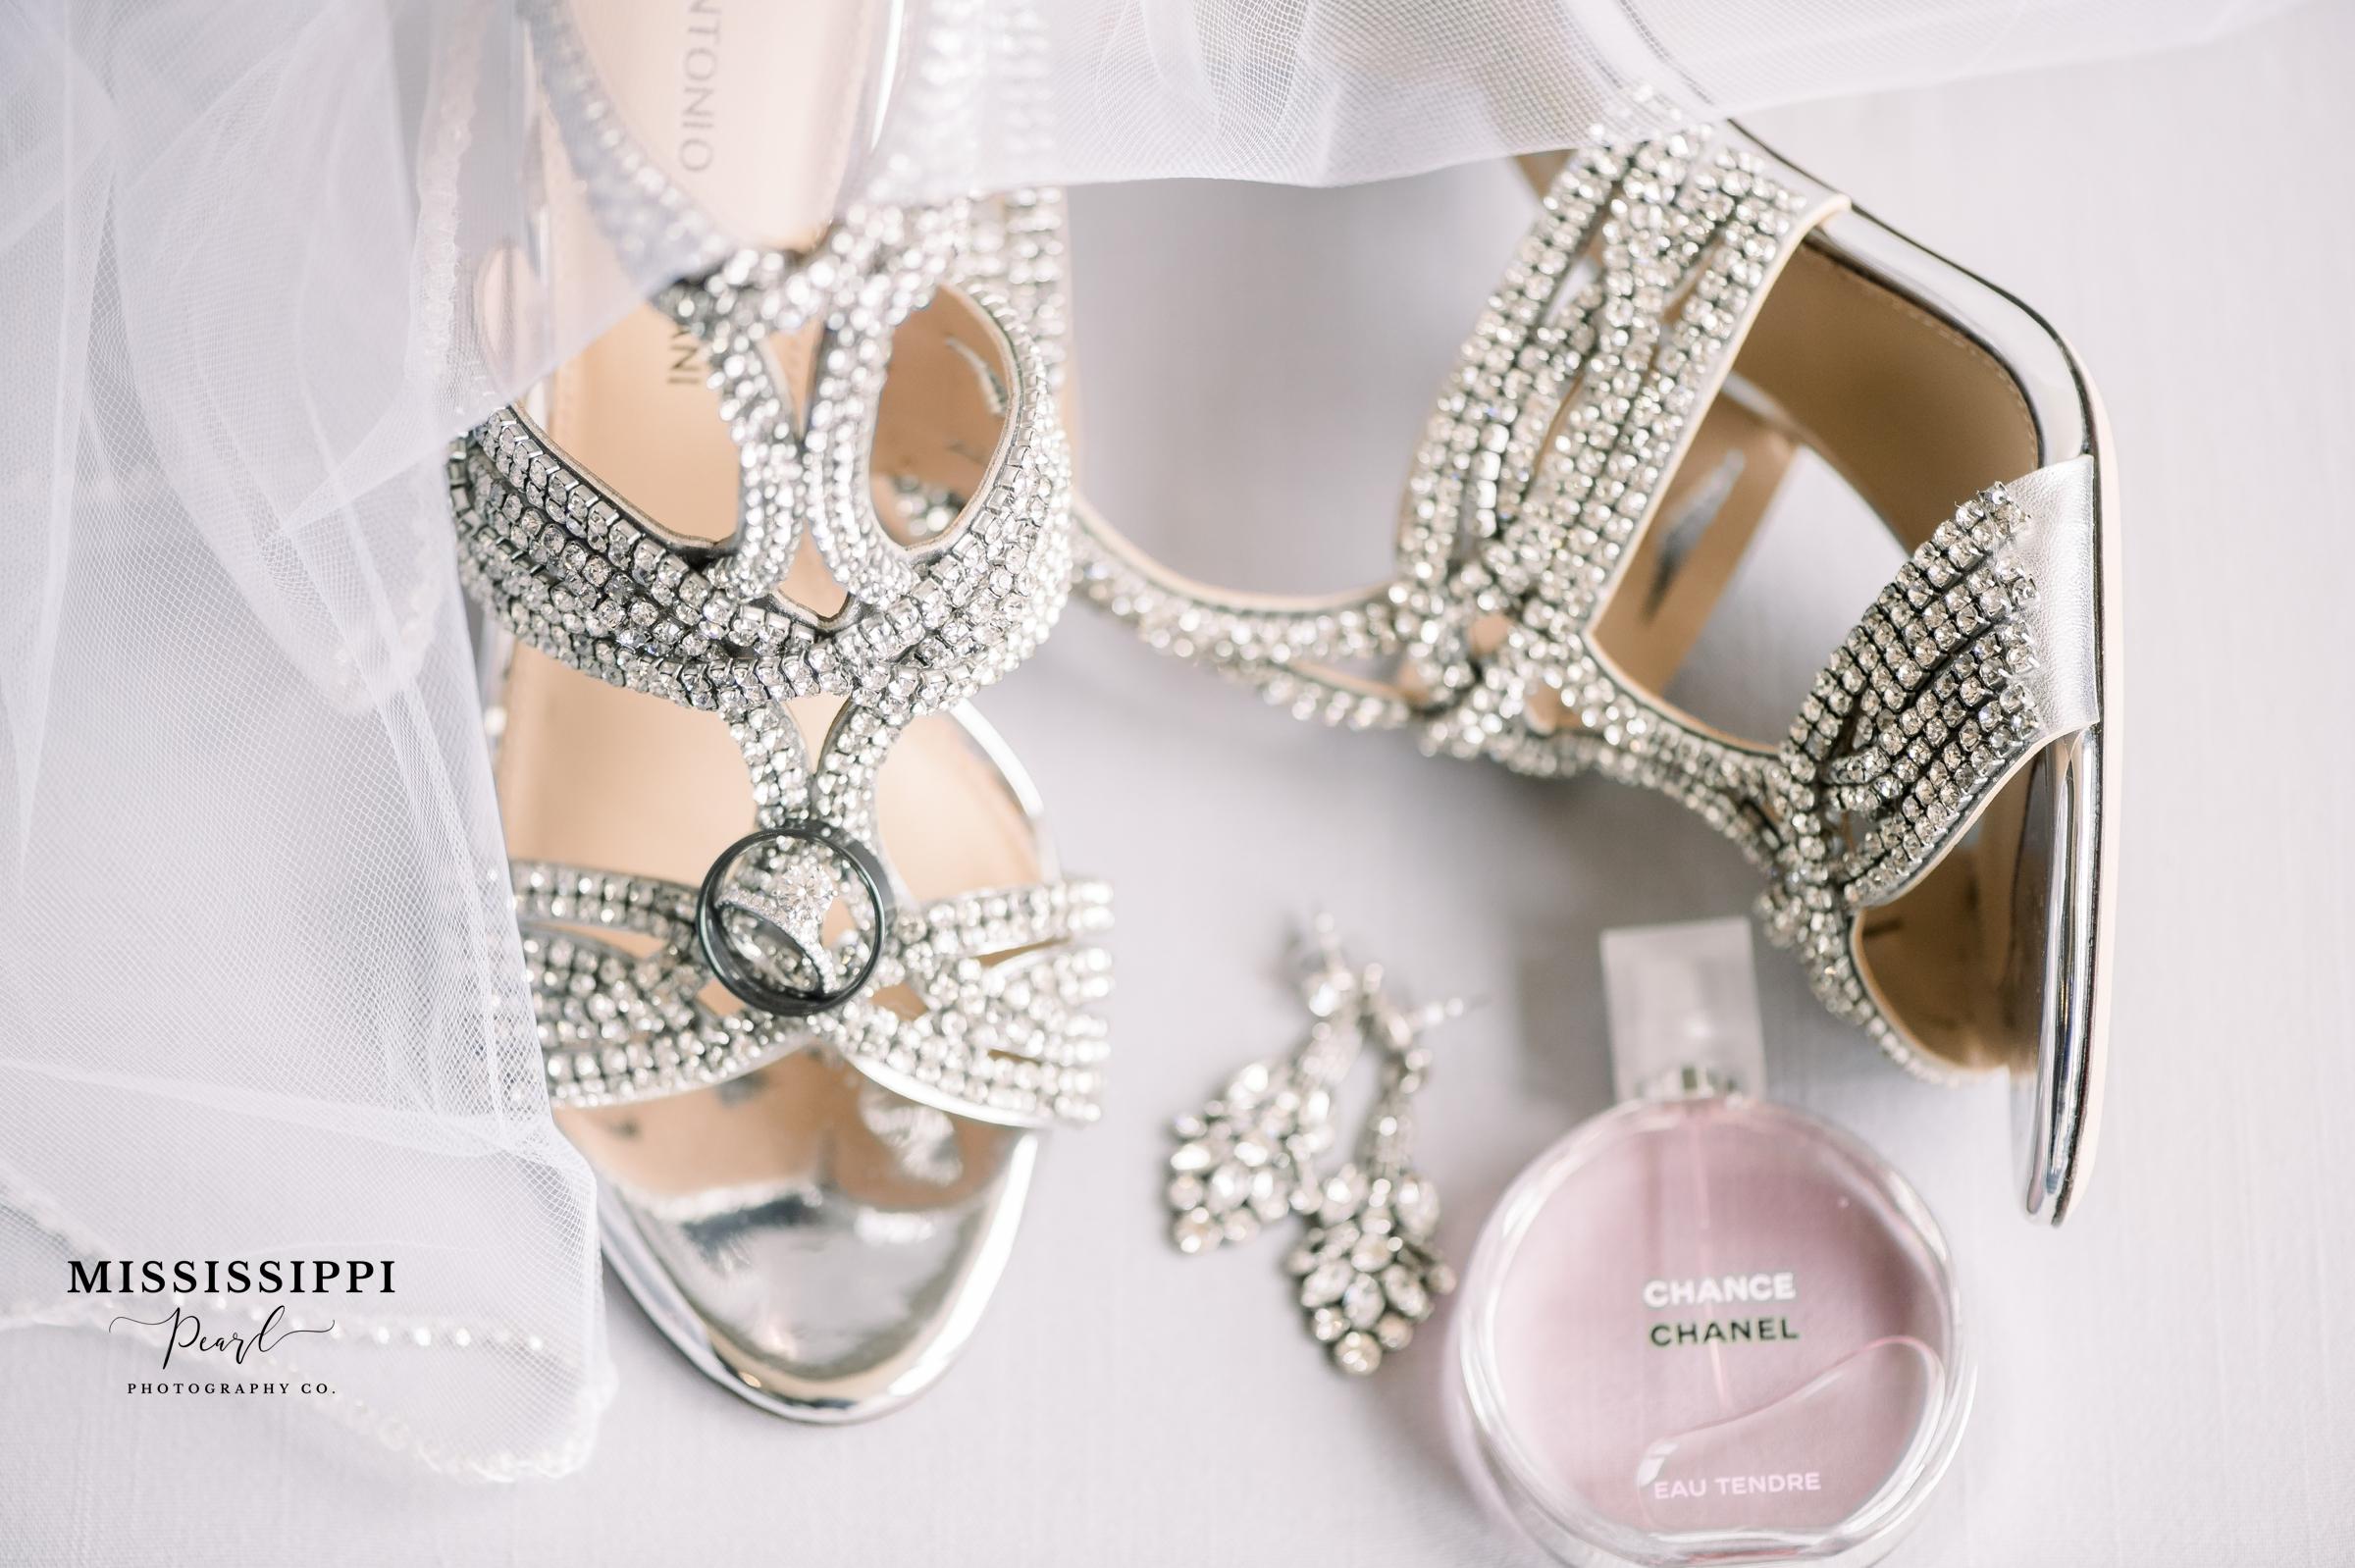 Wedding heels with Chanel perfume bottle, earrings and wedding rings